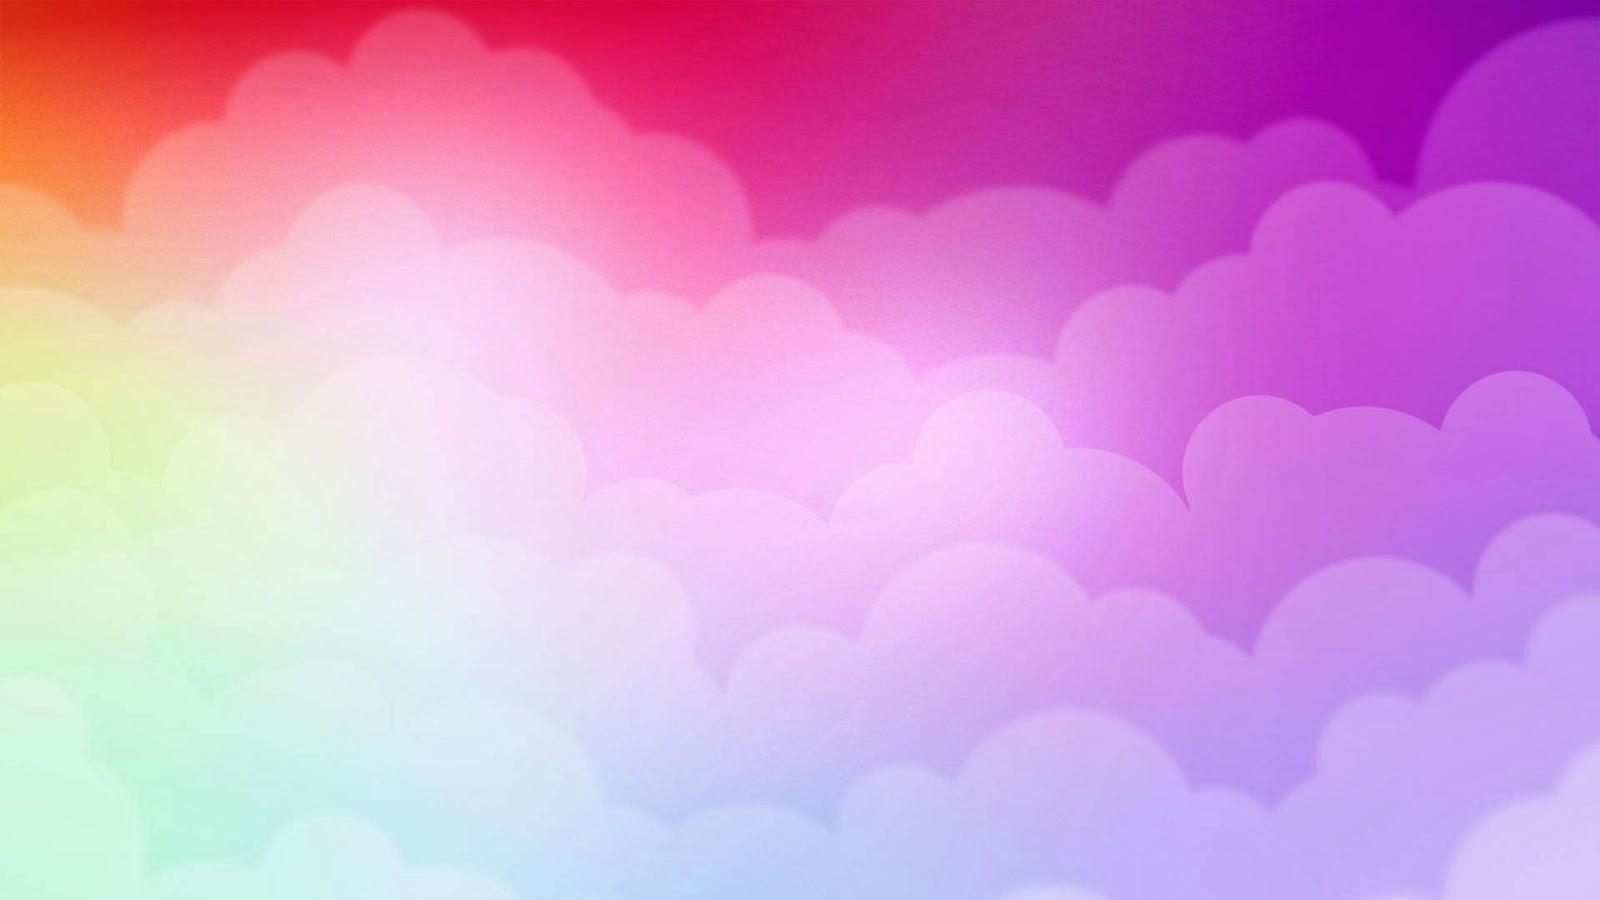 Fondo De Pantalla Abstracto Barras De Colores: 10 Imagenes De Fondos De Colores